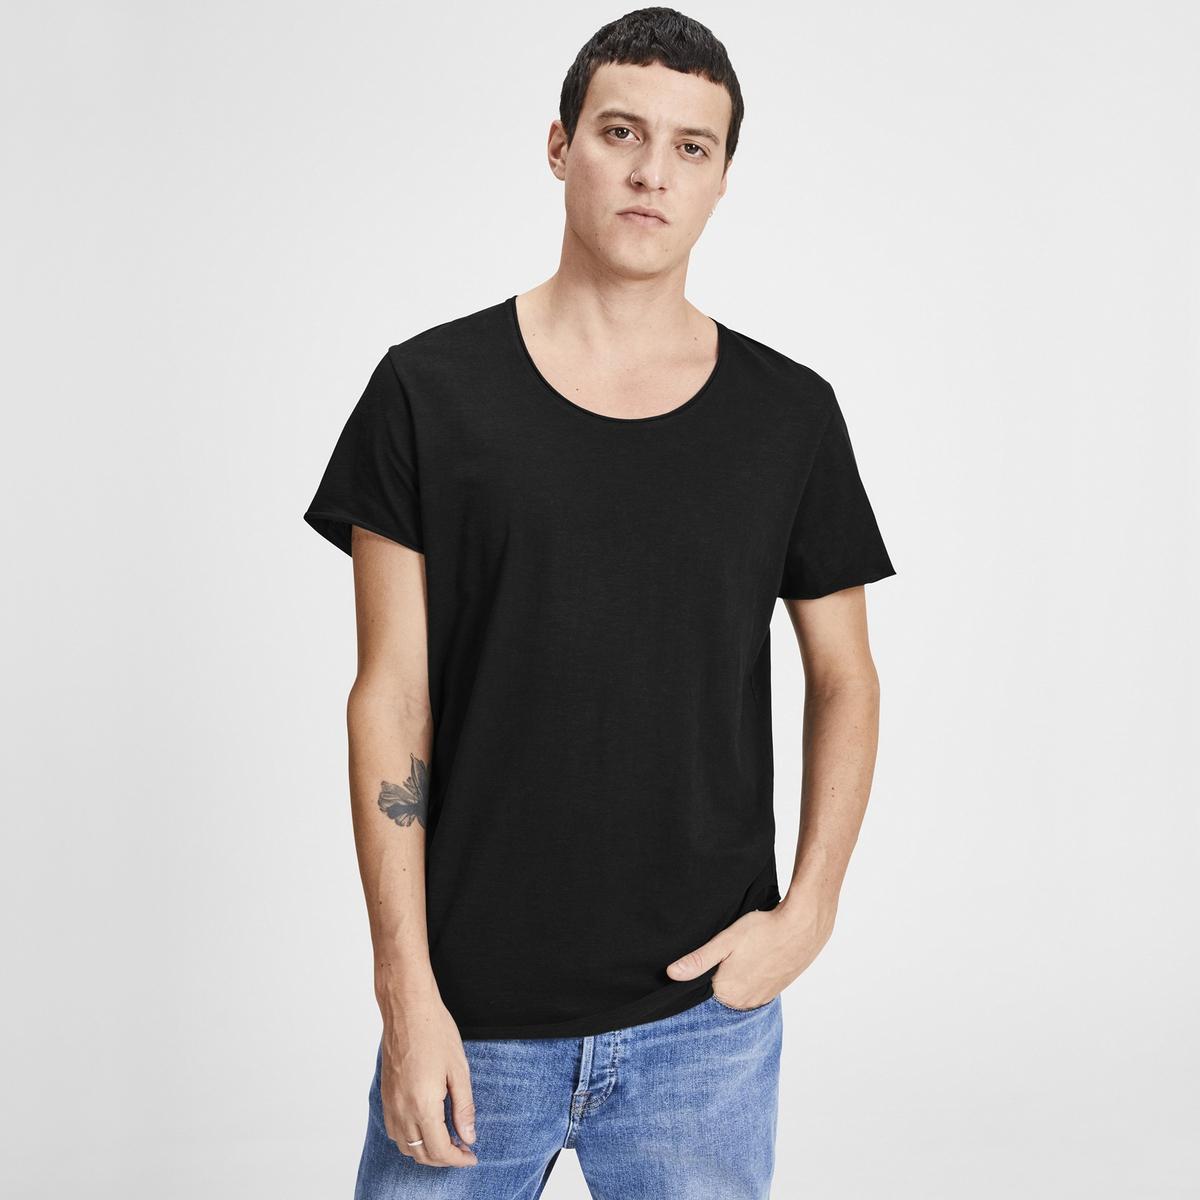 Футболка La Redoute С круглым вырезом и короткими рукавами S черный футболка la redoute с круглым вырезом и короткими рукавами ccharmeuse s белый